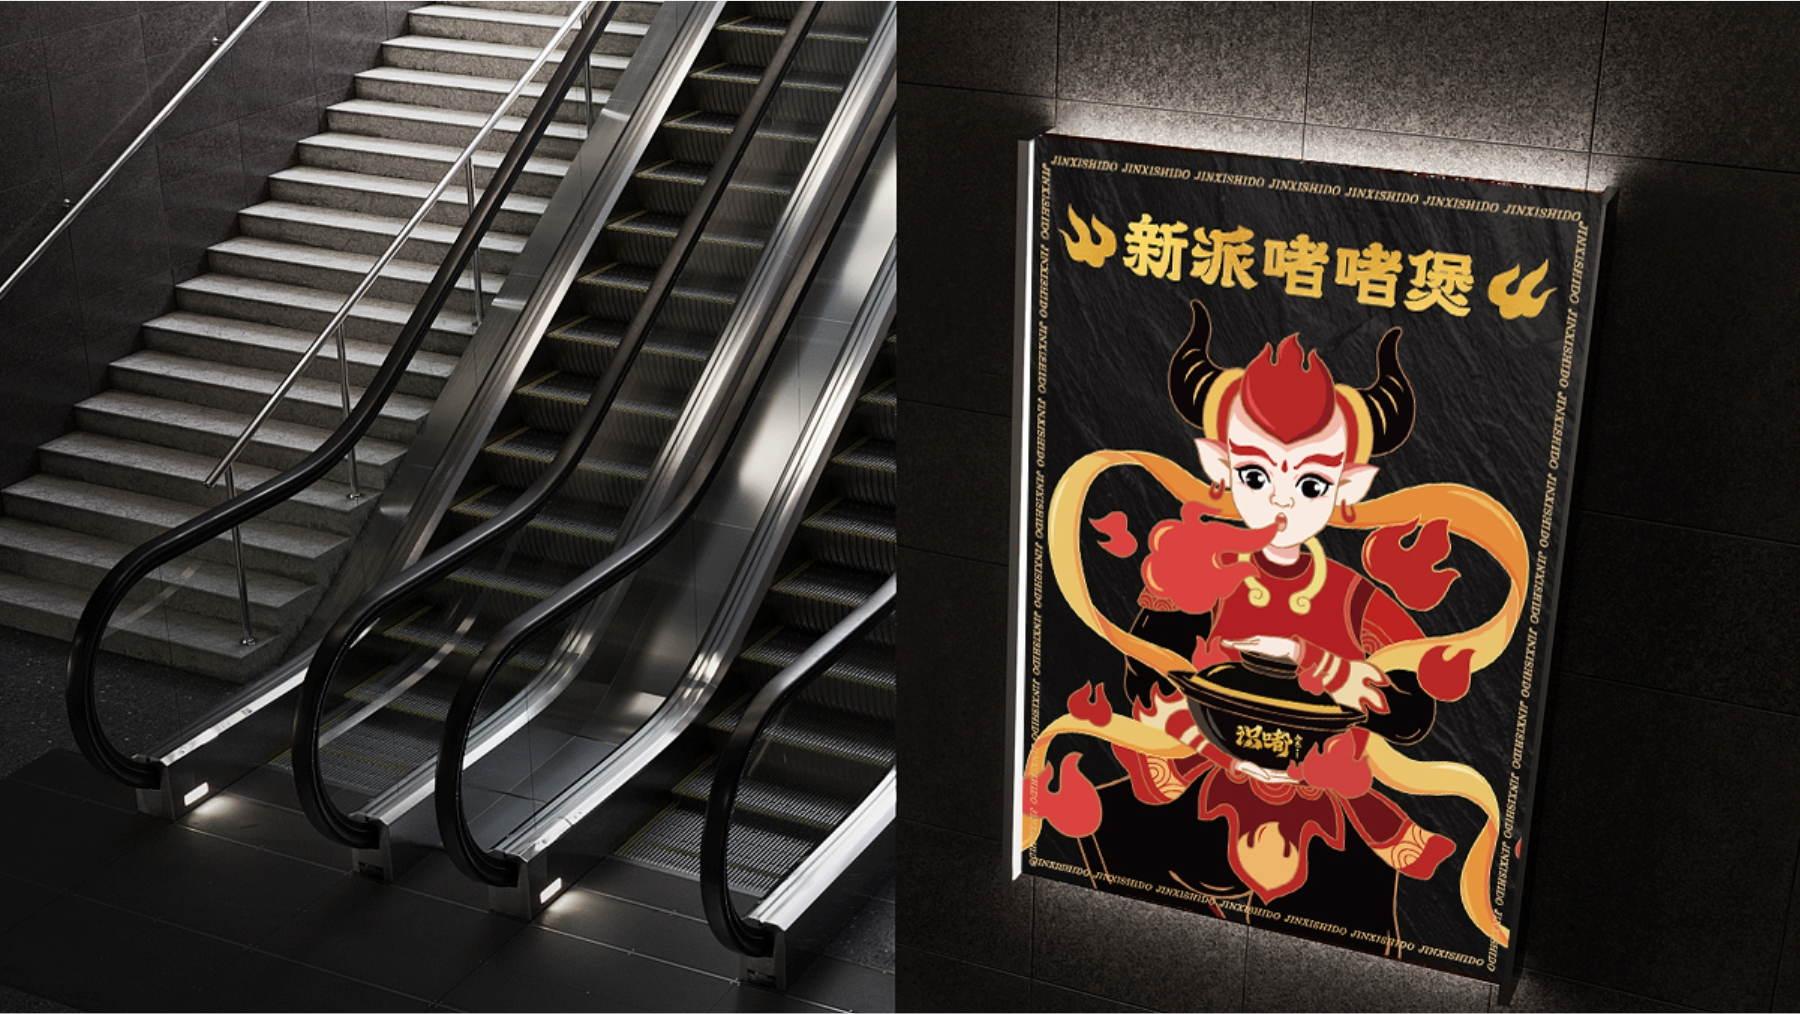 粤式国潮新派啫啫煲[金系·识嘟]隆重开业